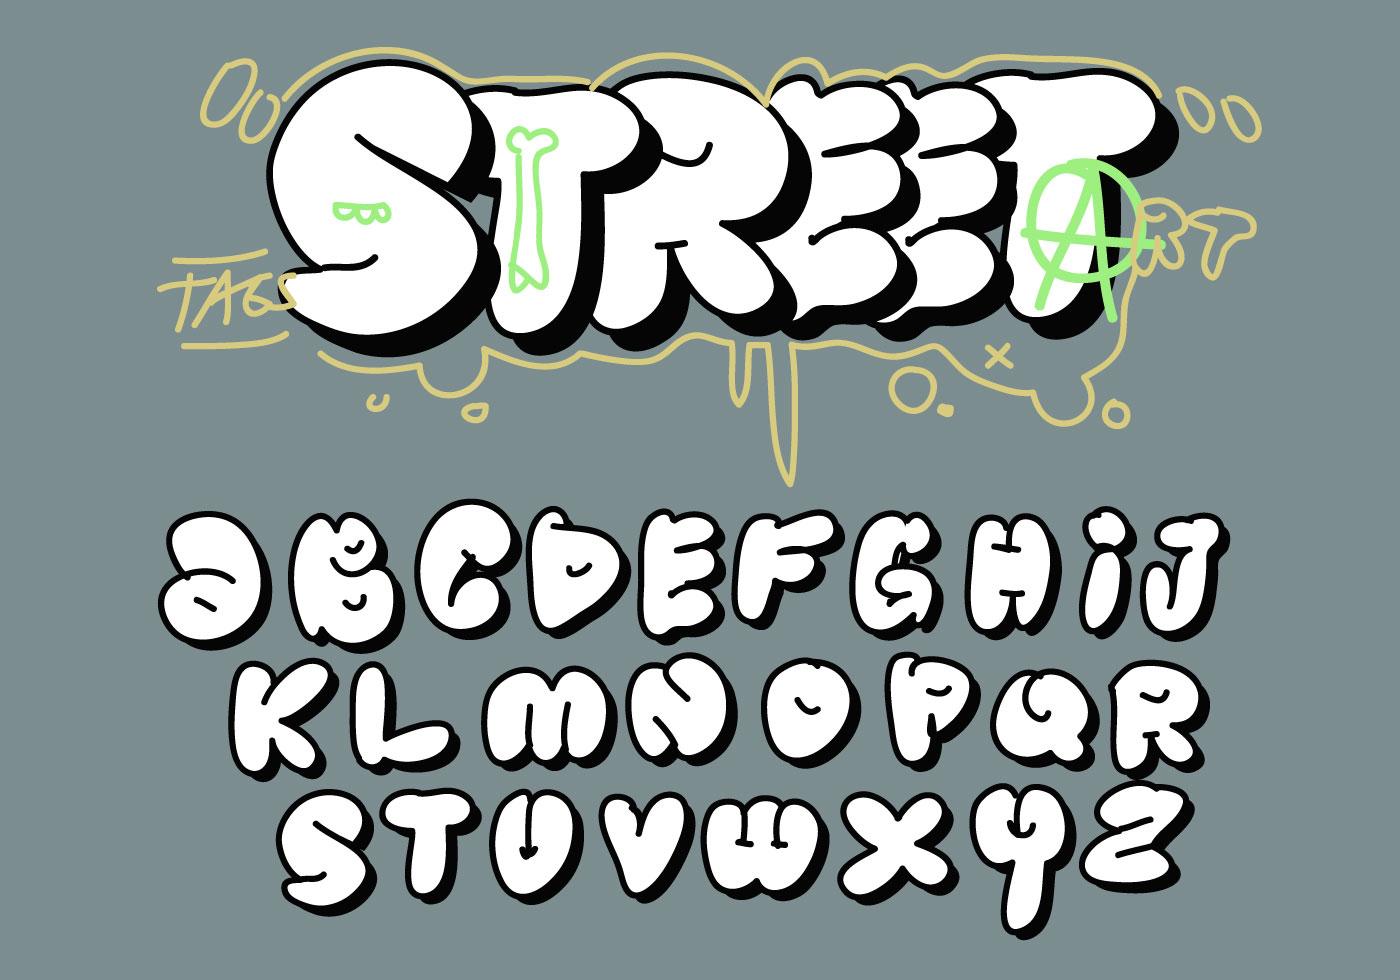 Grosse grosse bulle lettre tag graffiti alphabet vector - L alphabet en graffiti ...